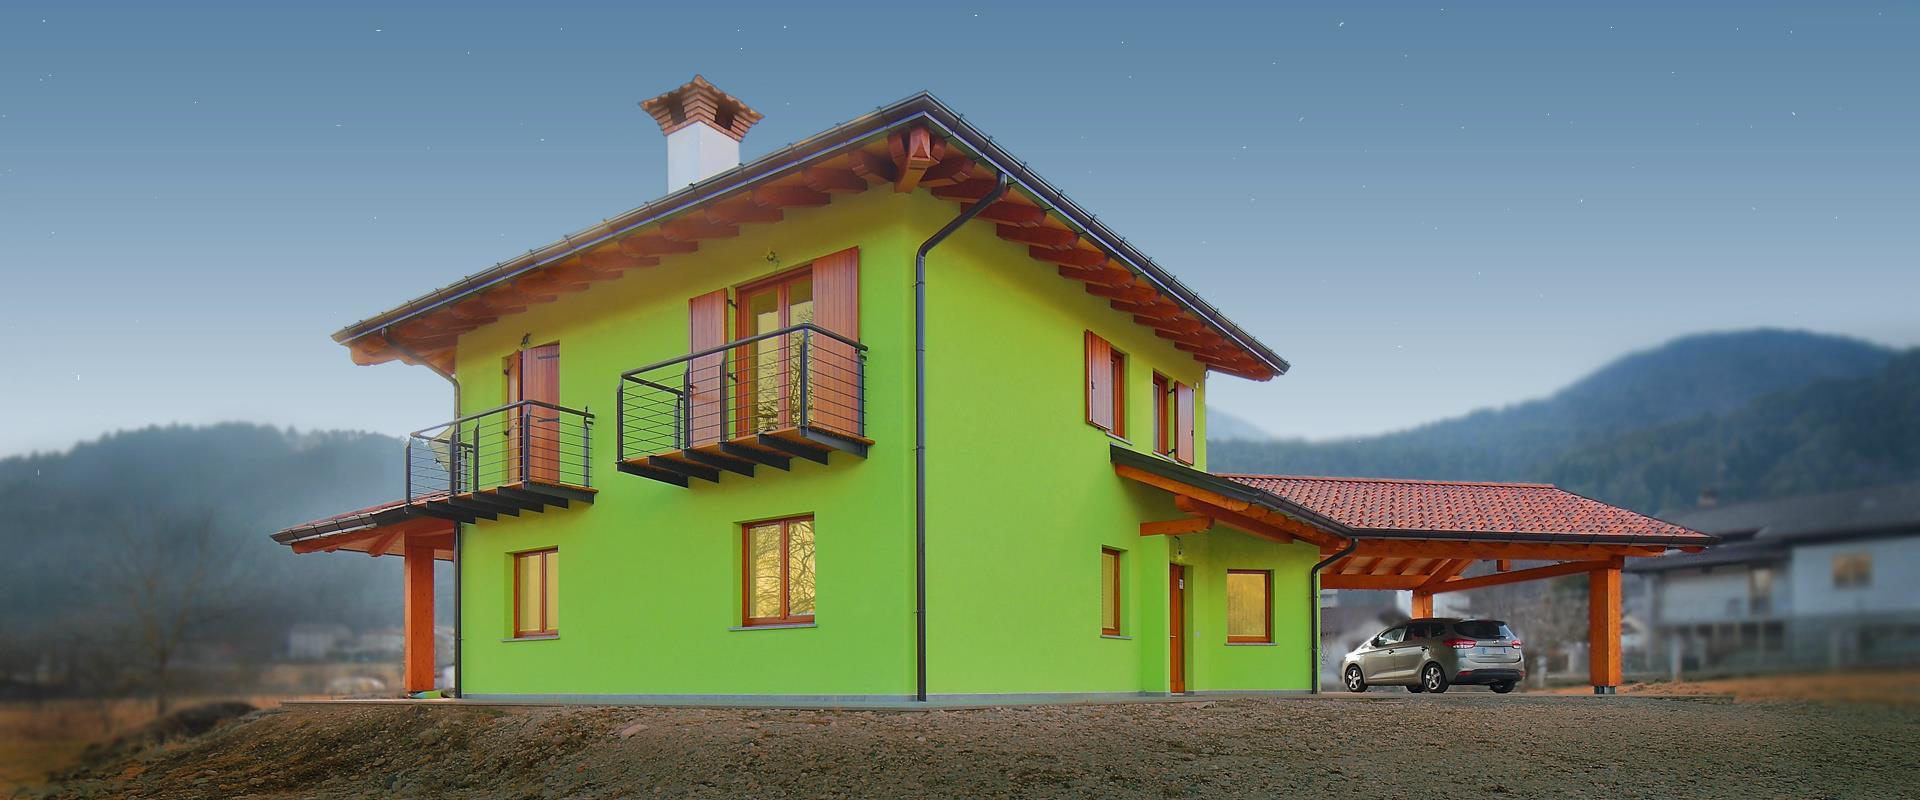 Casa verde villa di verzegnis for Piani di costruzione casa verde